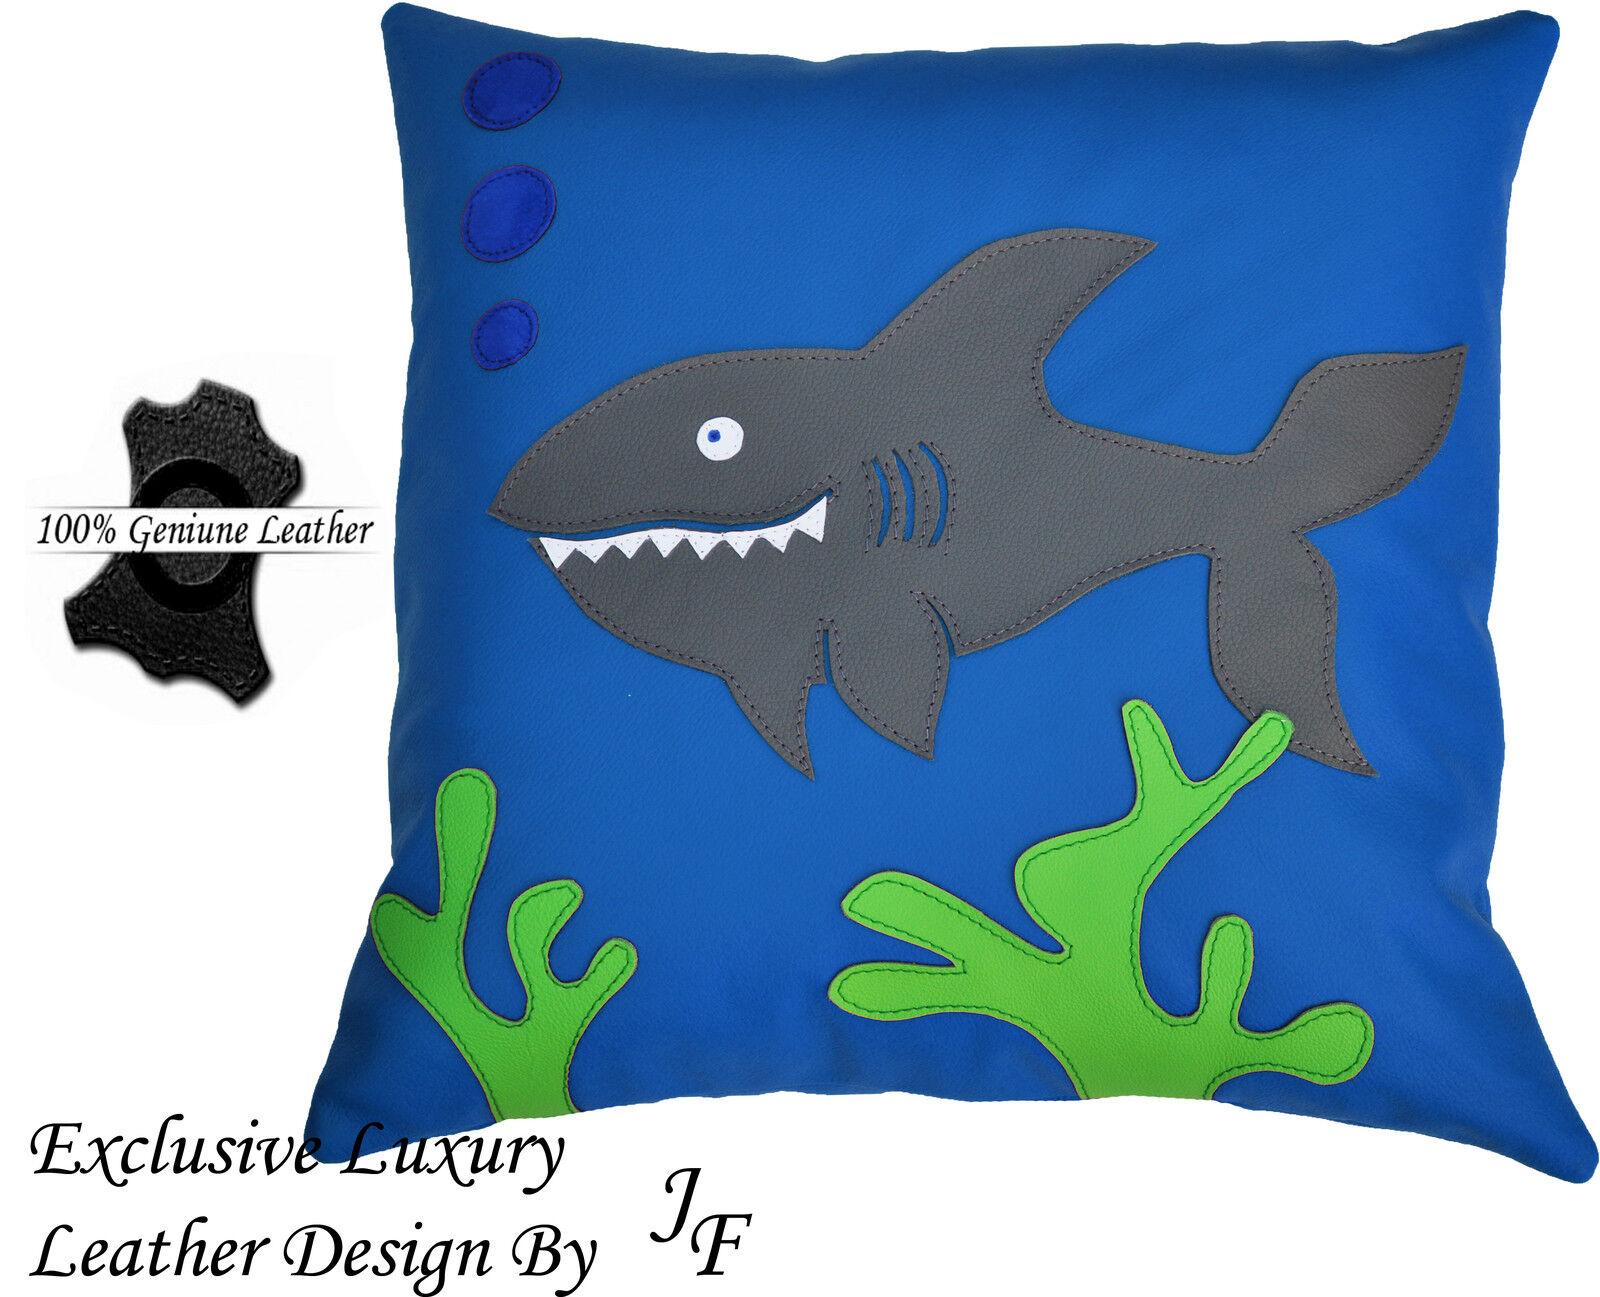 Le exclusif luxe exclusif Le en cuir véritable coussin pour salle de jeux la vie de mer bleu requin b072e8